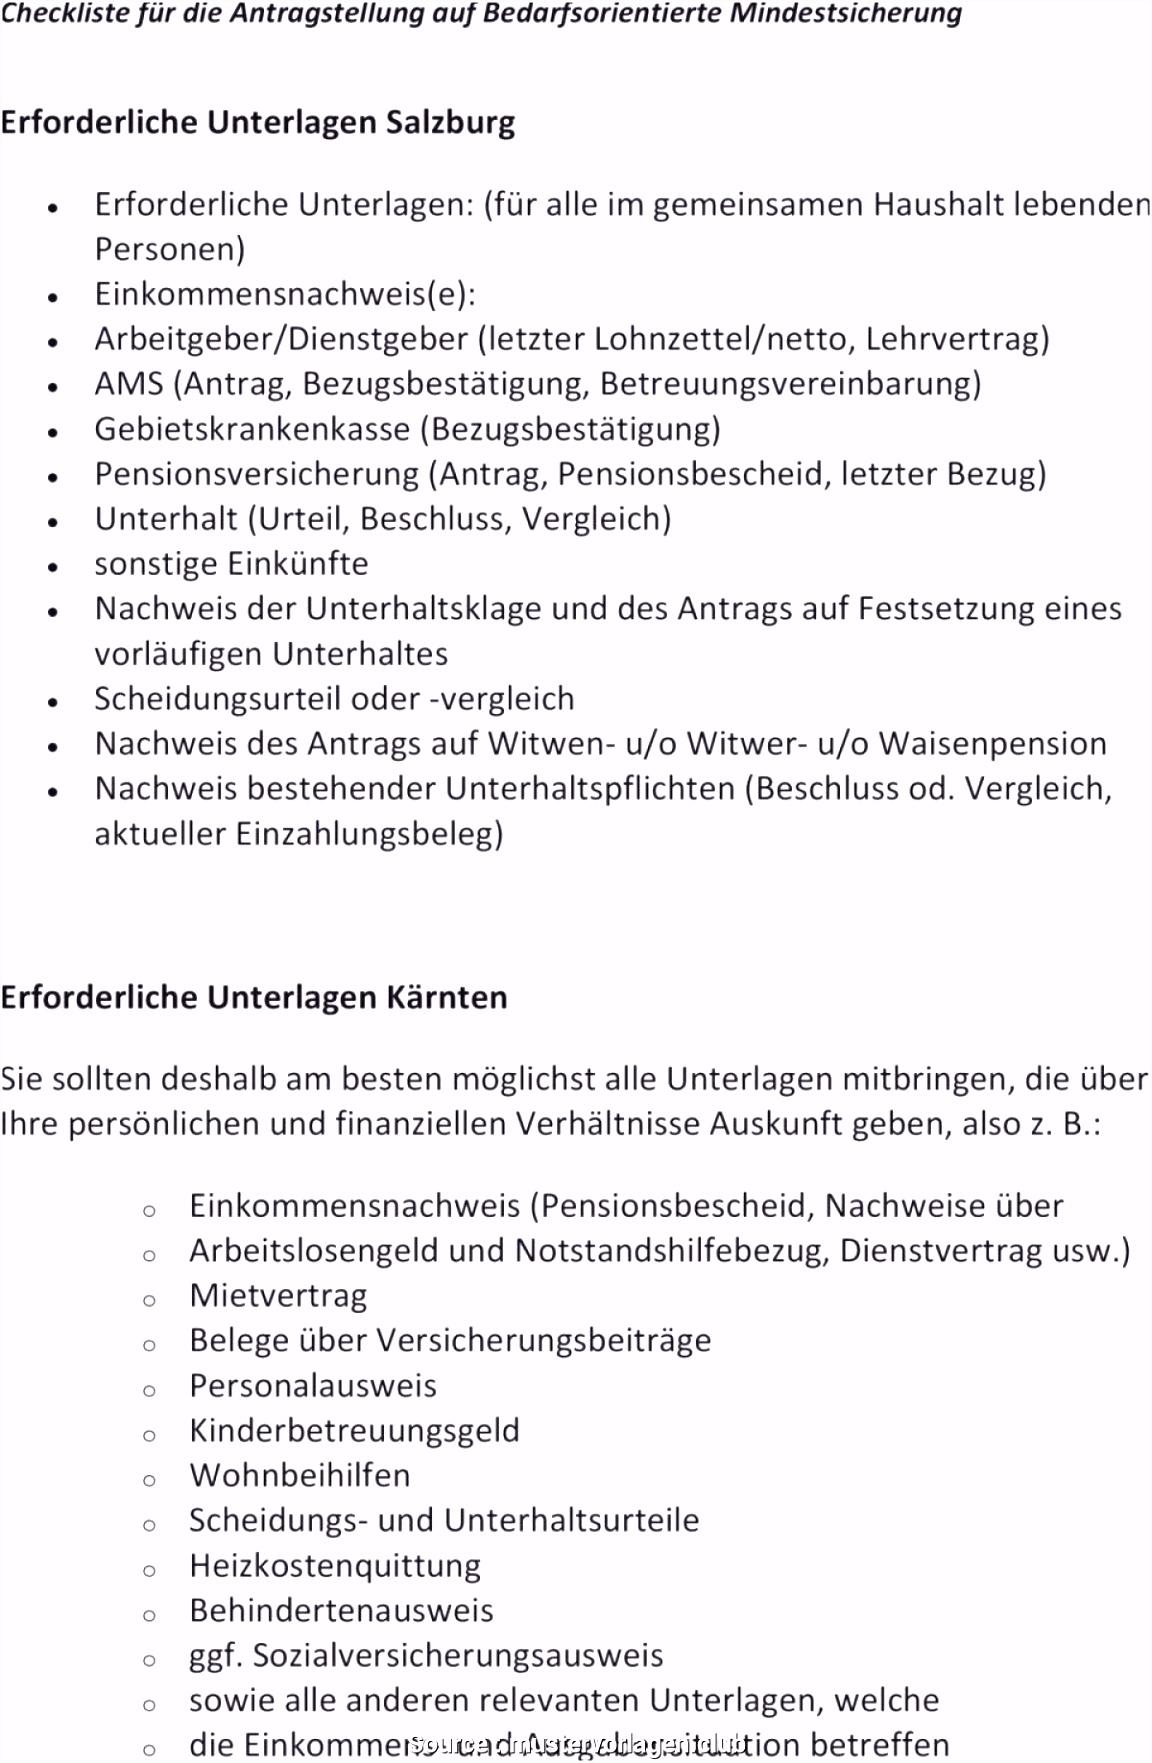 Sky Kundigen Email Vorlage Ausgezeichnet Fristgerechte Kündigung Arbeitgeber Beispiel with S2ma78hdl1 Hmwl45tntu